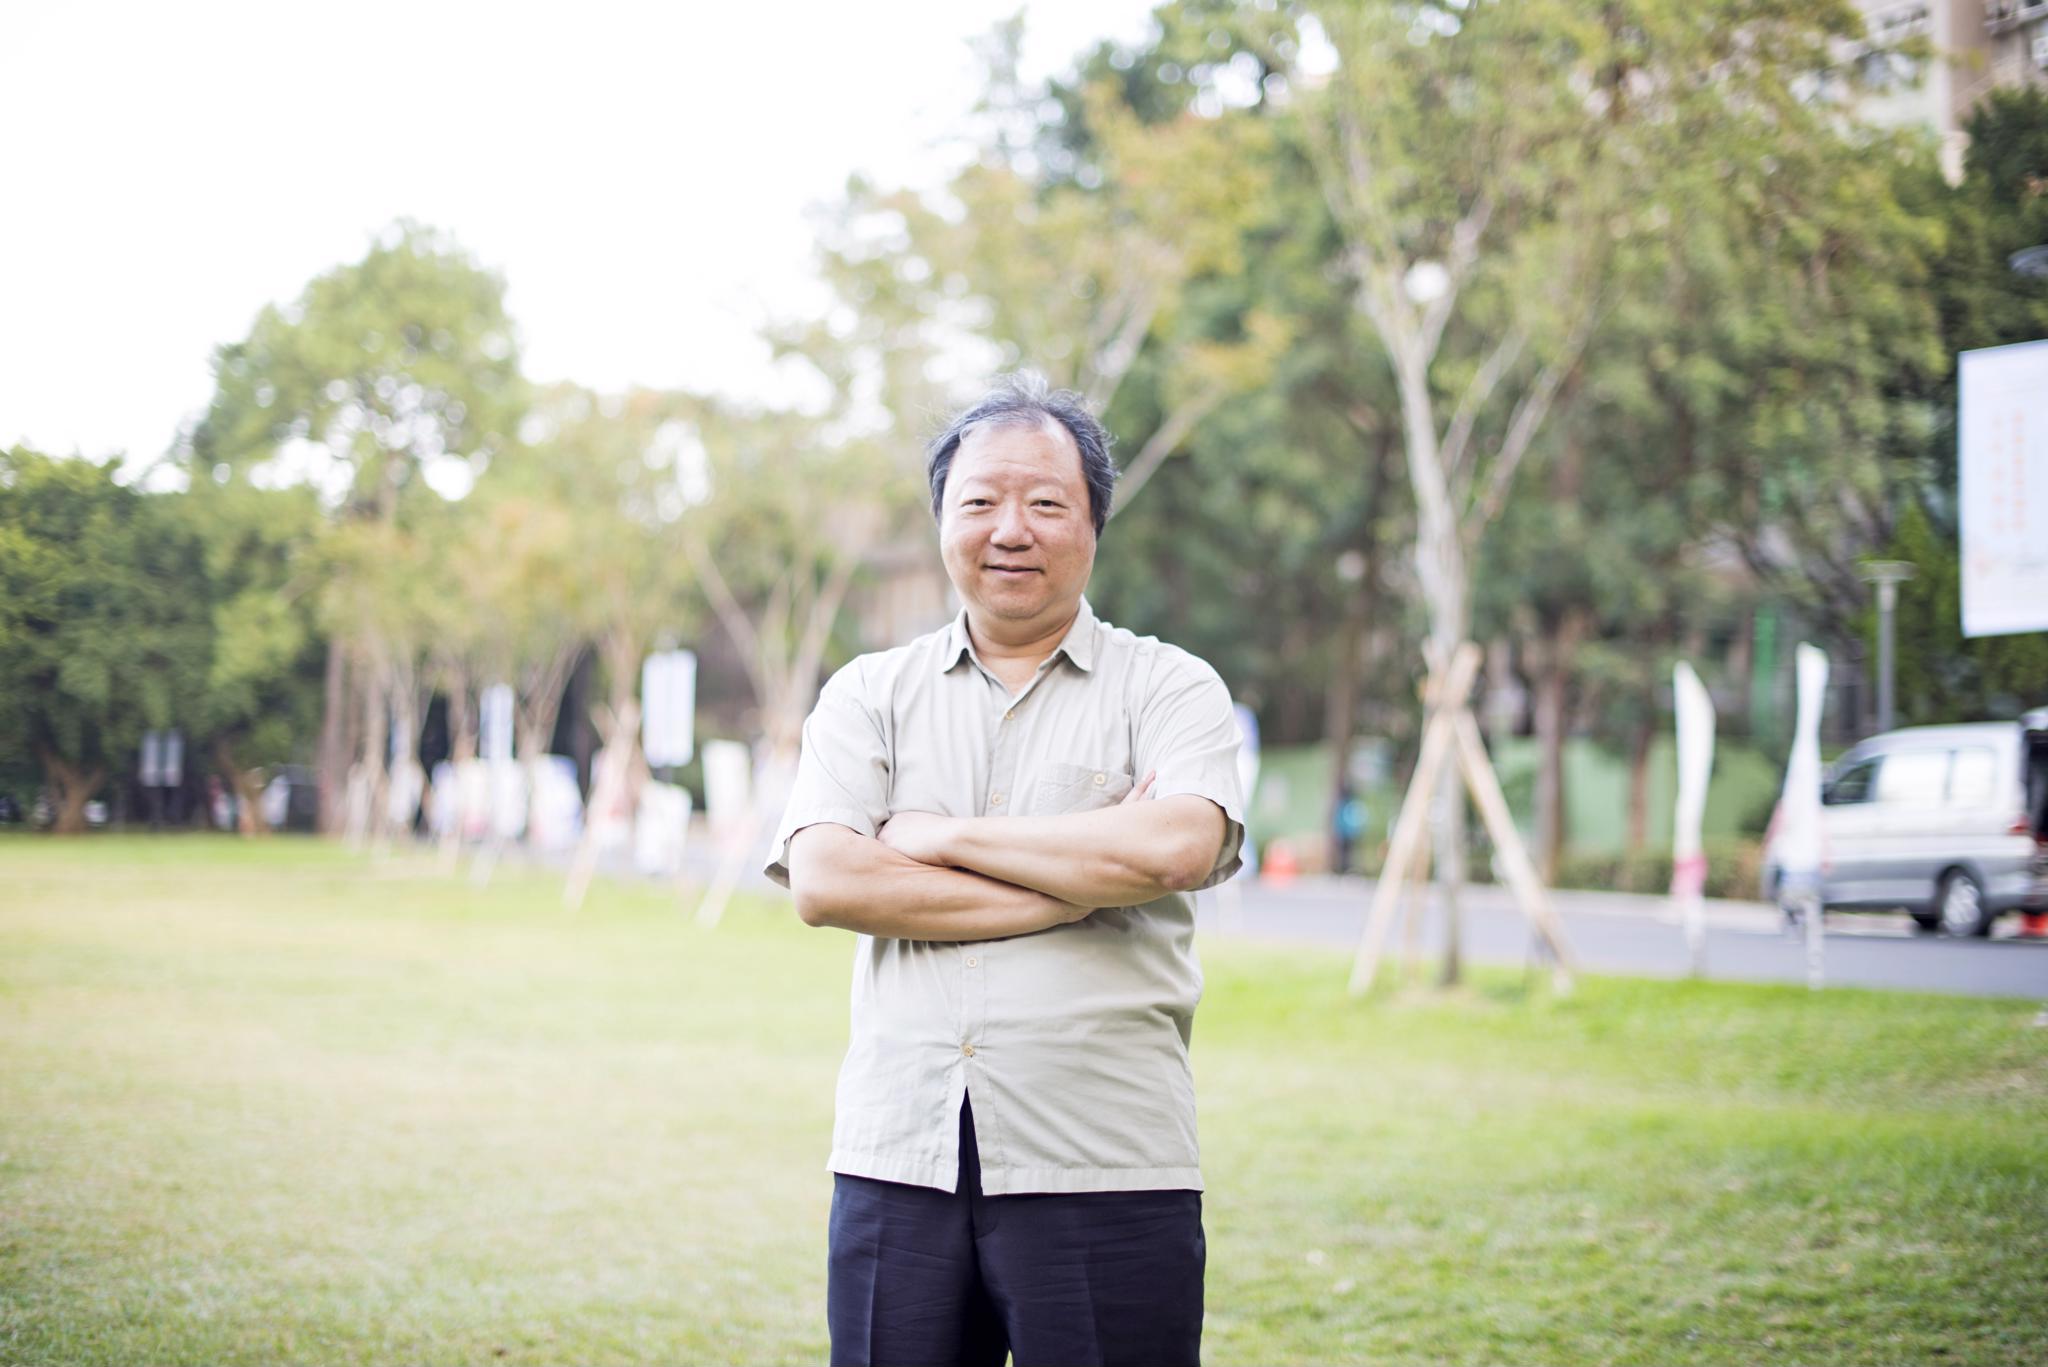 《107學年度優良導師專題報導 》應數系李是男:凡事正面思考,順乎自然!